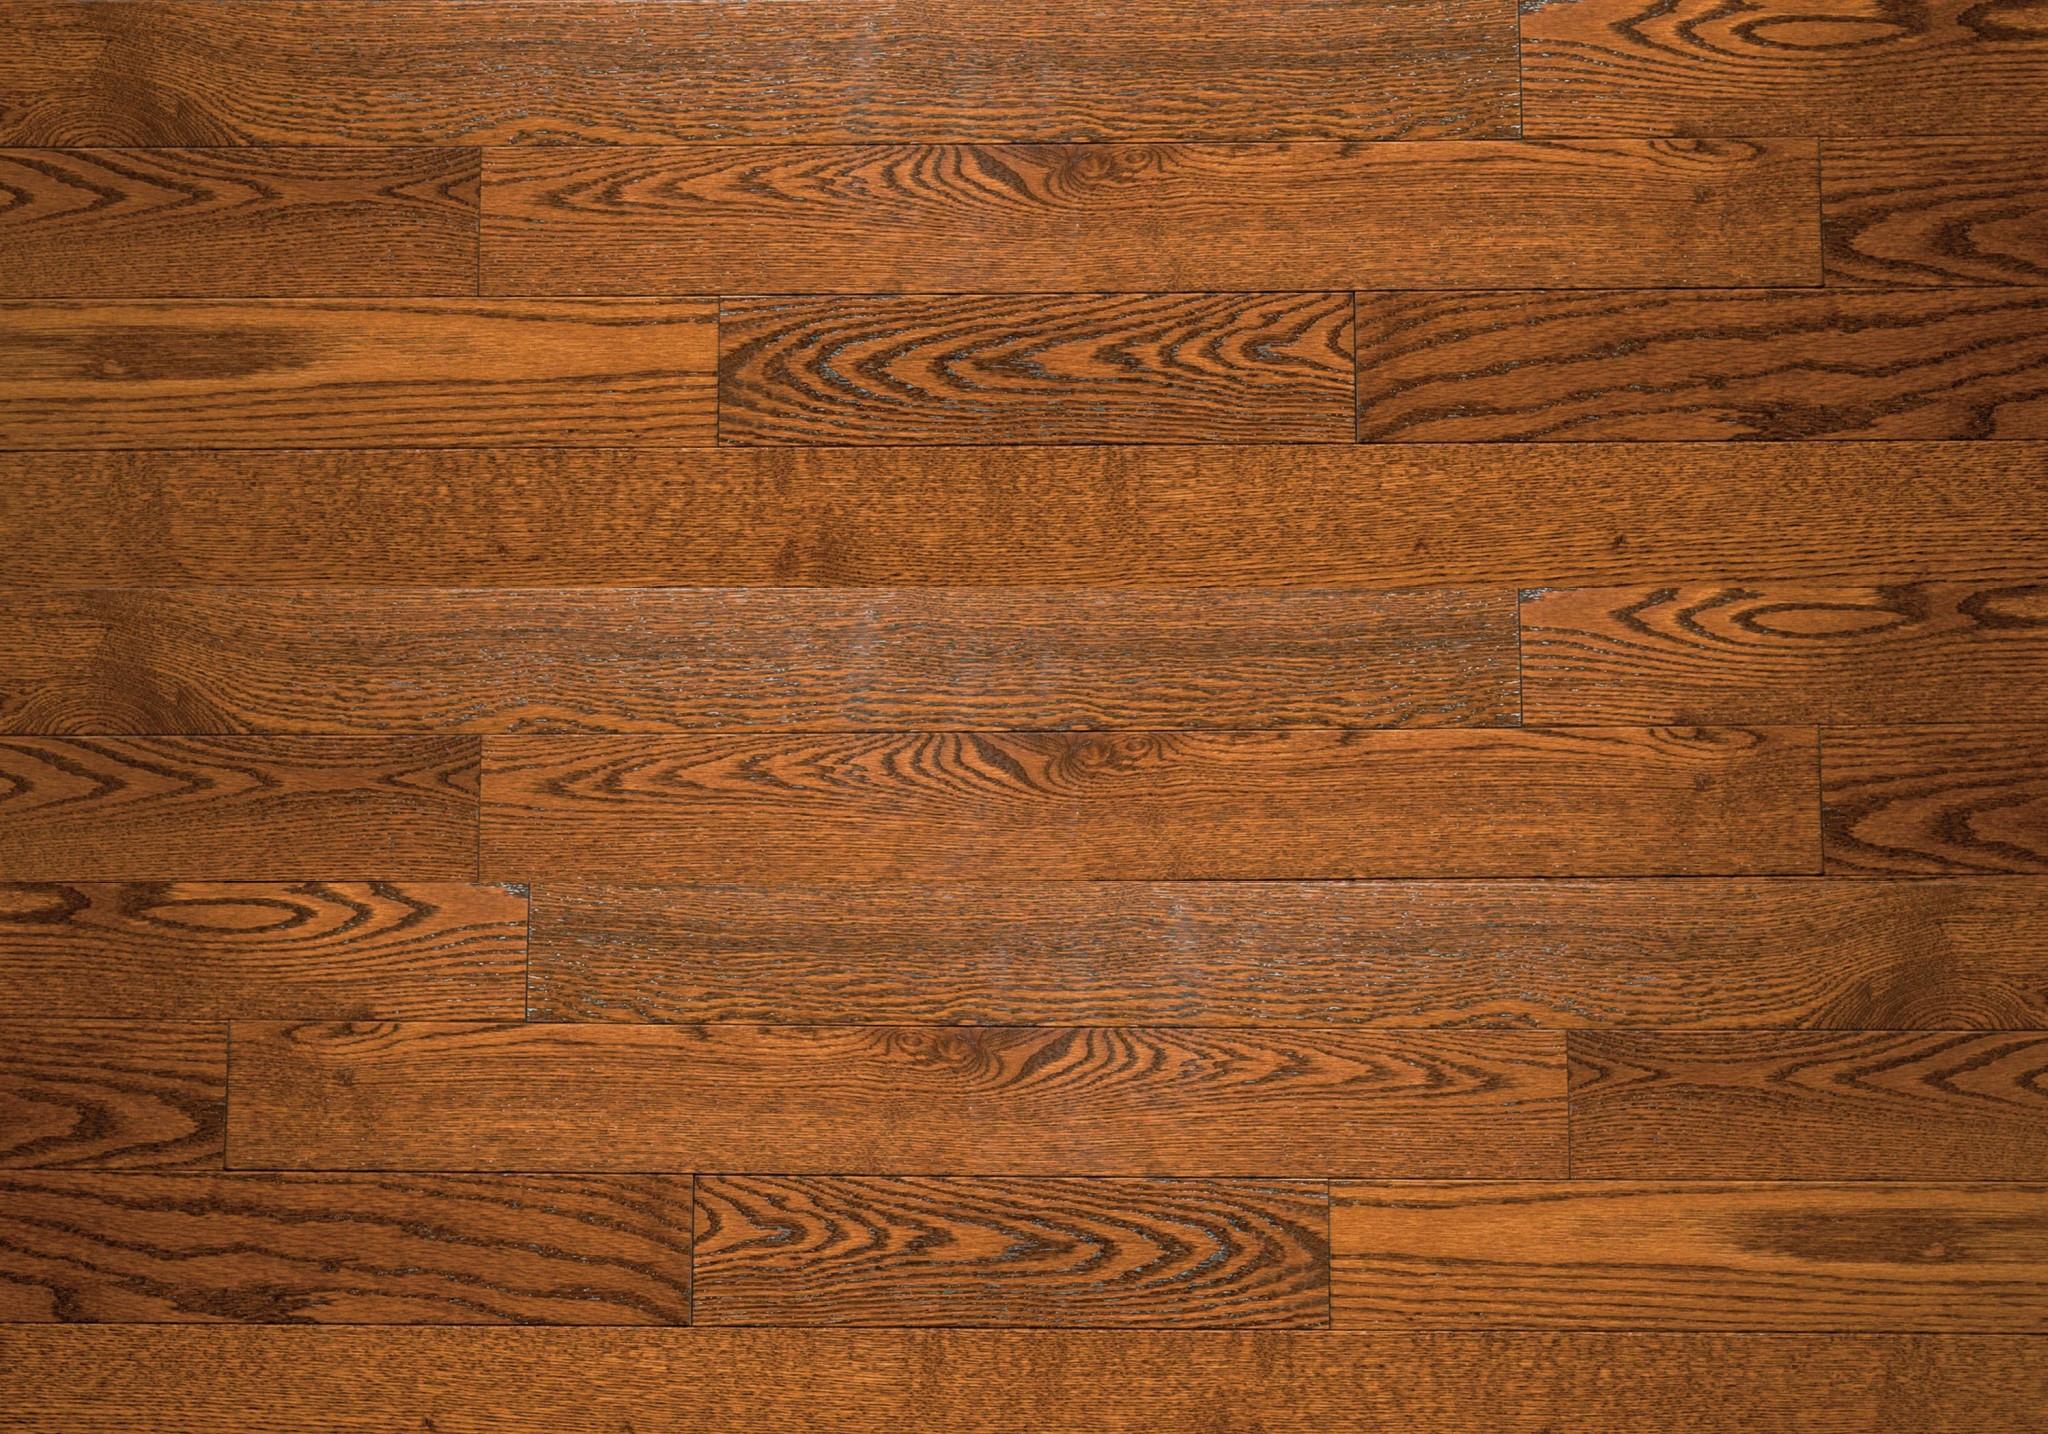 lauzon hardwood flooring distributors of deep bronze ambiance red oak exclusive lauzon hardwood flooring in red oak hardwood flooring brown copper ambiance lauzon